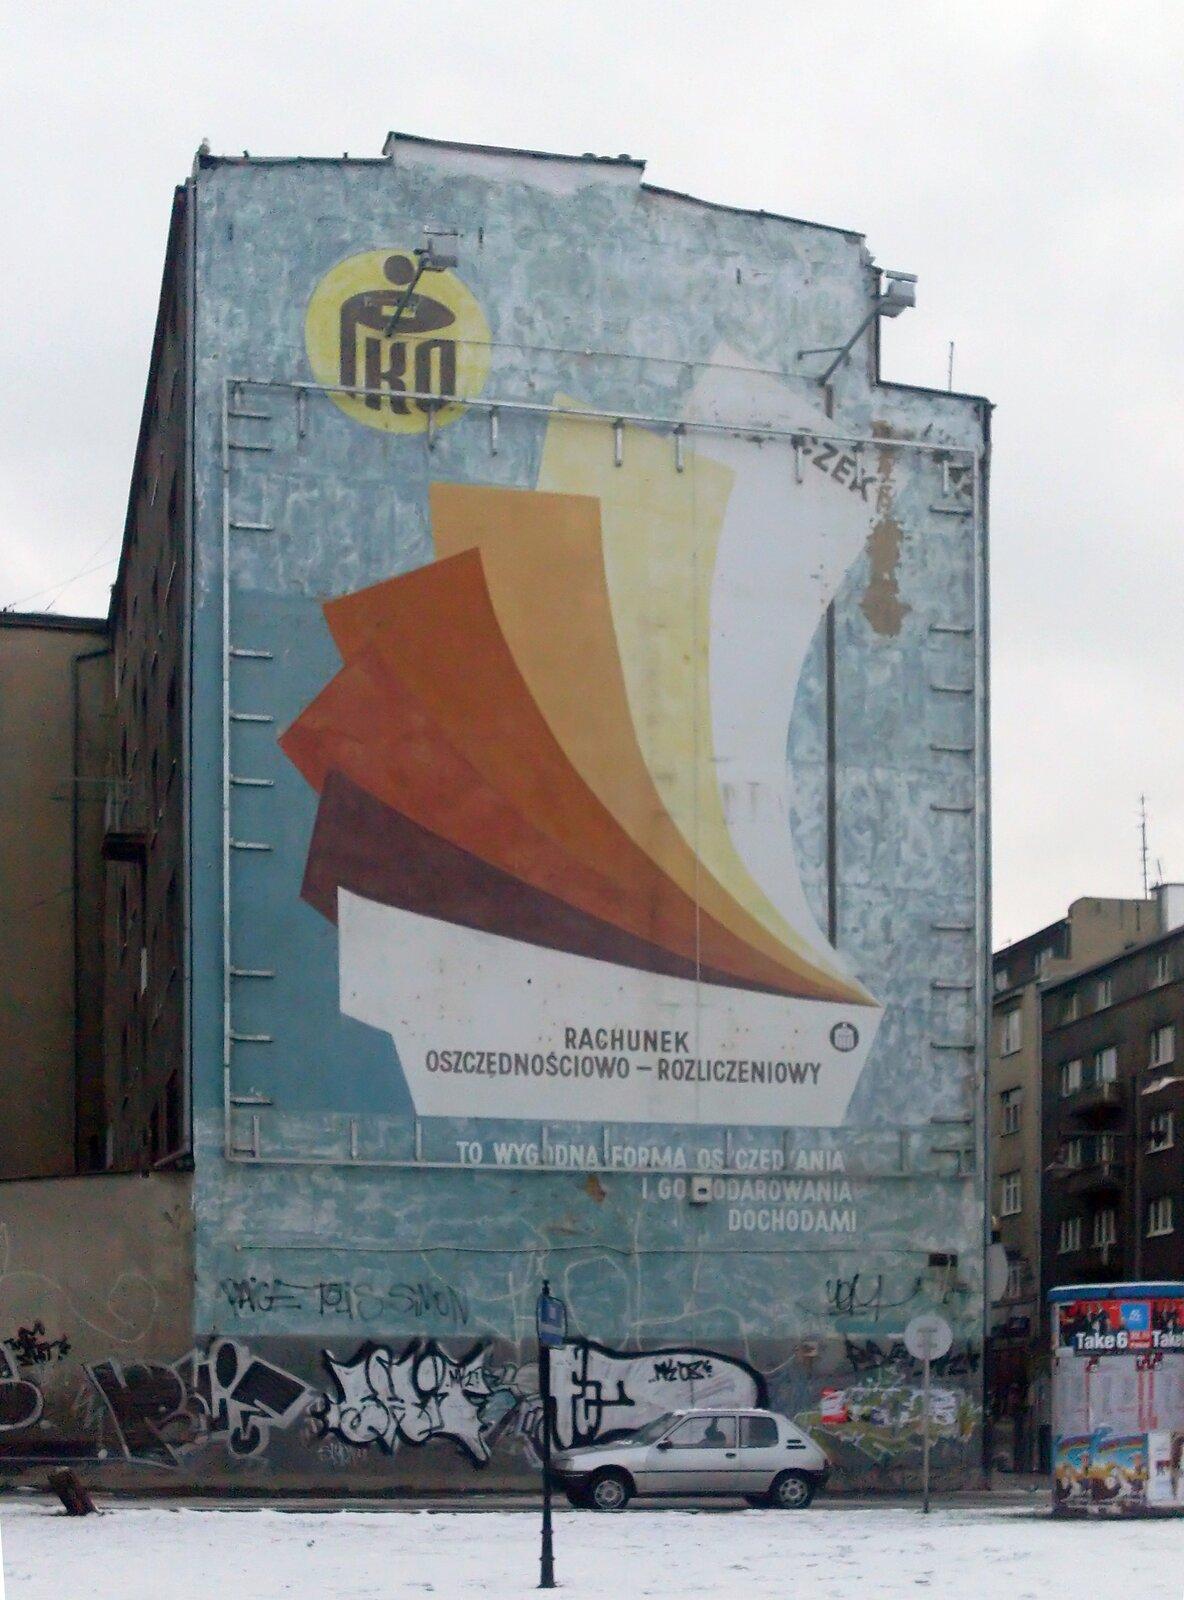 """Zdjęcie przedstawia mural, stanowiący dawną reklamę banku PKO. Na budynku widnieje napis """"Rachunek oszczędnościowo-rozliczeniowy"""", nad którym ułożone są druki. Wgórnej części, po lewej stronie znajduje się logo banku: napis PKO na tle żółtego koła. Wdolnej części budynku zamieszczone są inne, czarno-białe graffiti."""